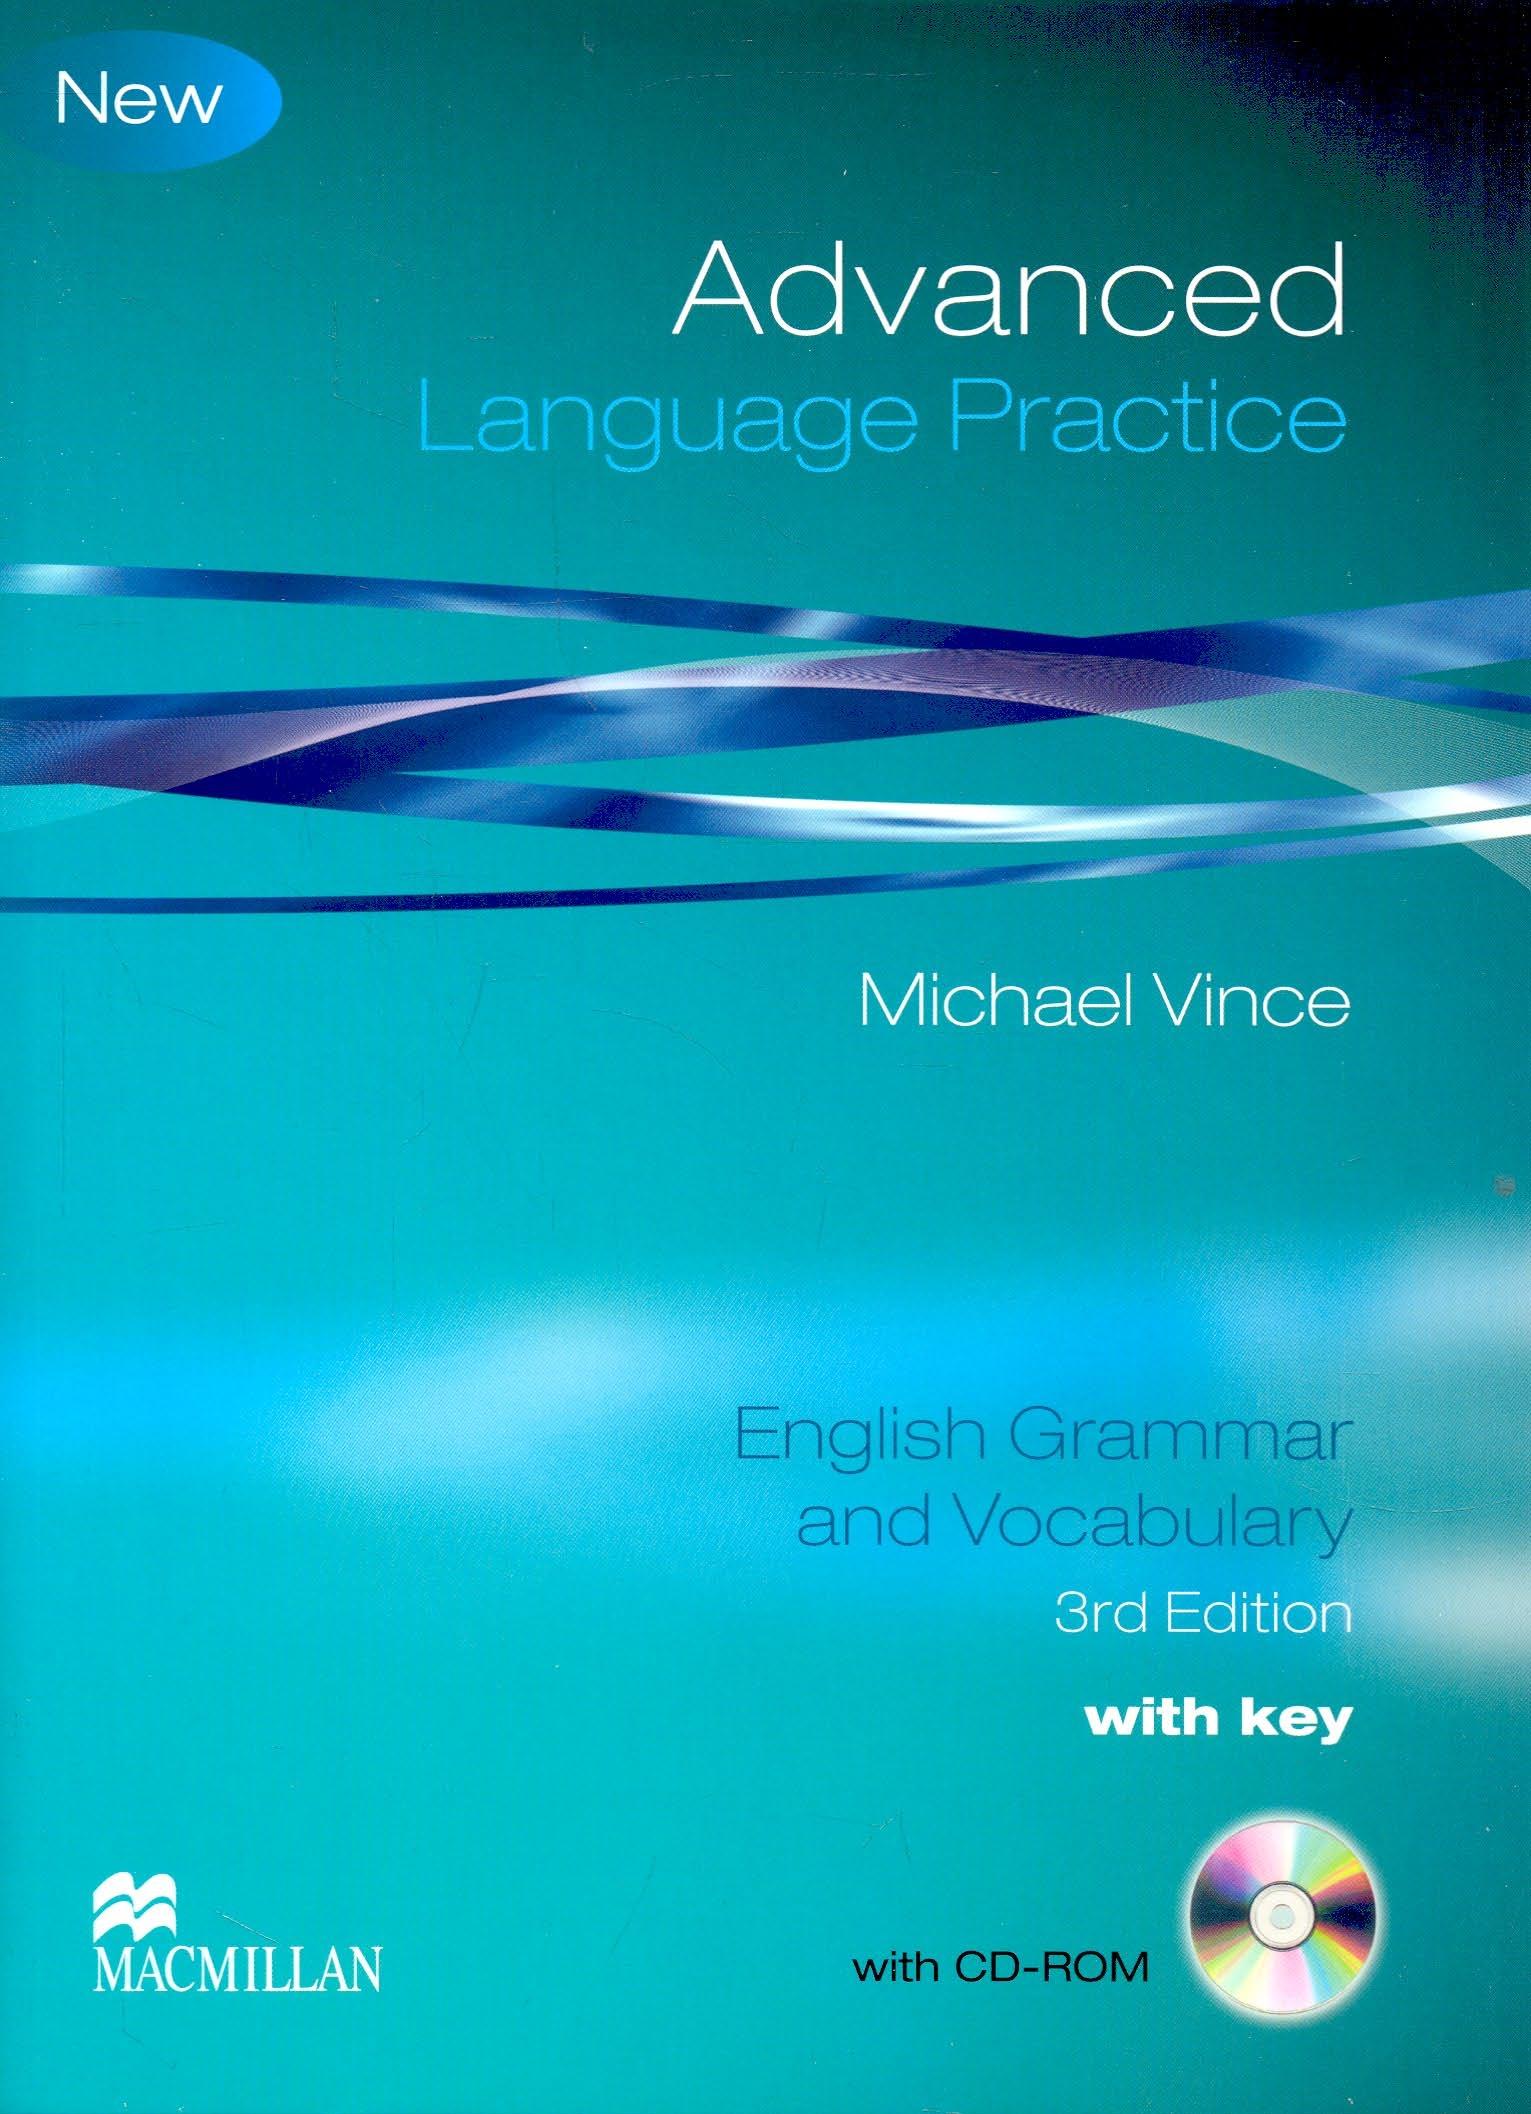 Michael Vince - Advanced Language Practice